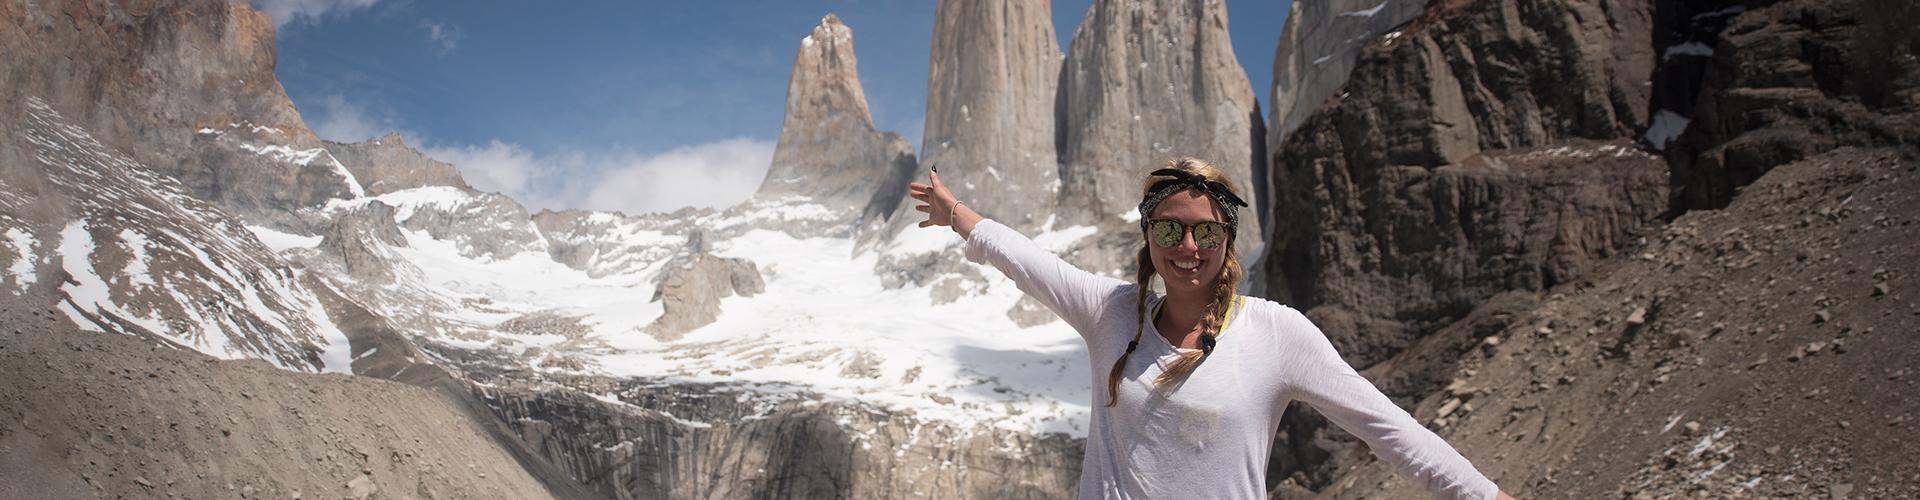 Trek Patagonia